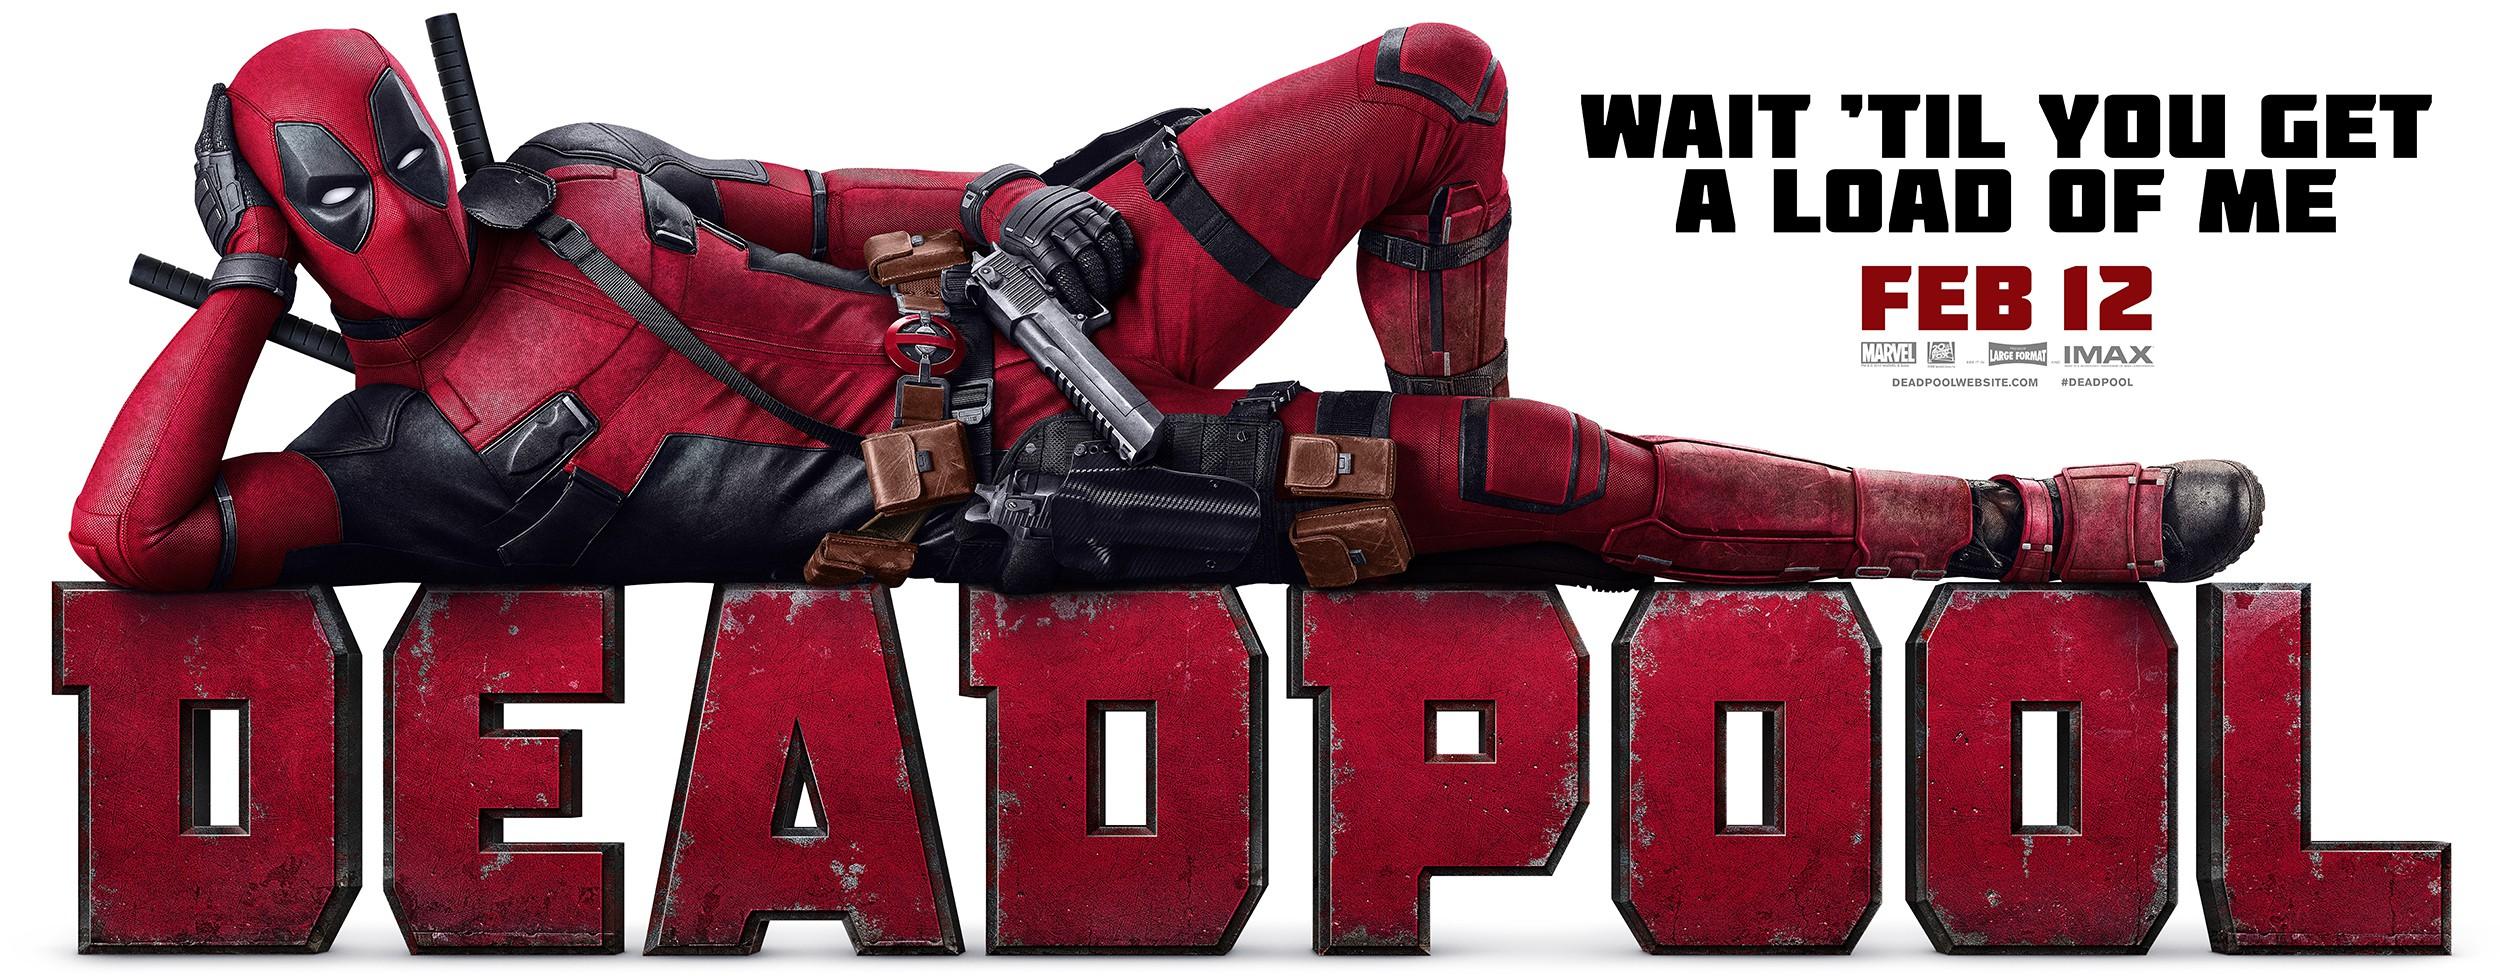 deadpool_p11